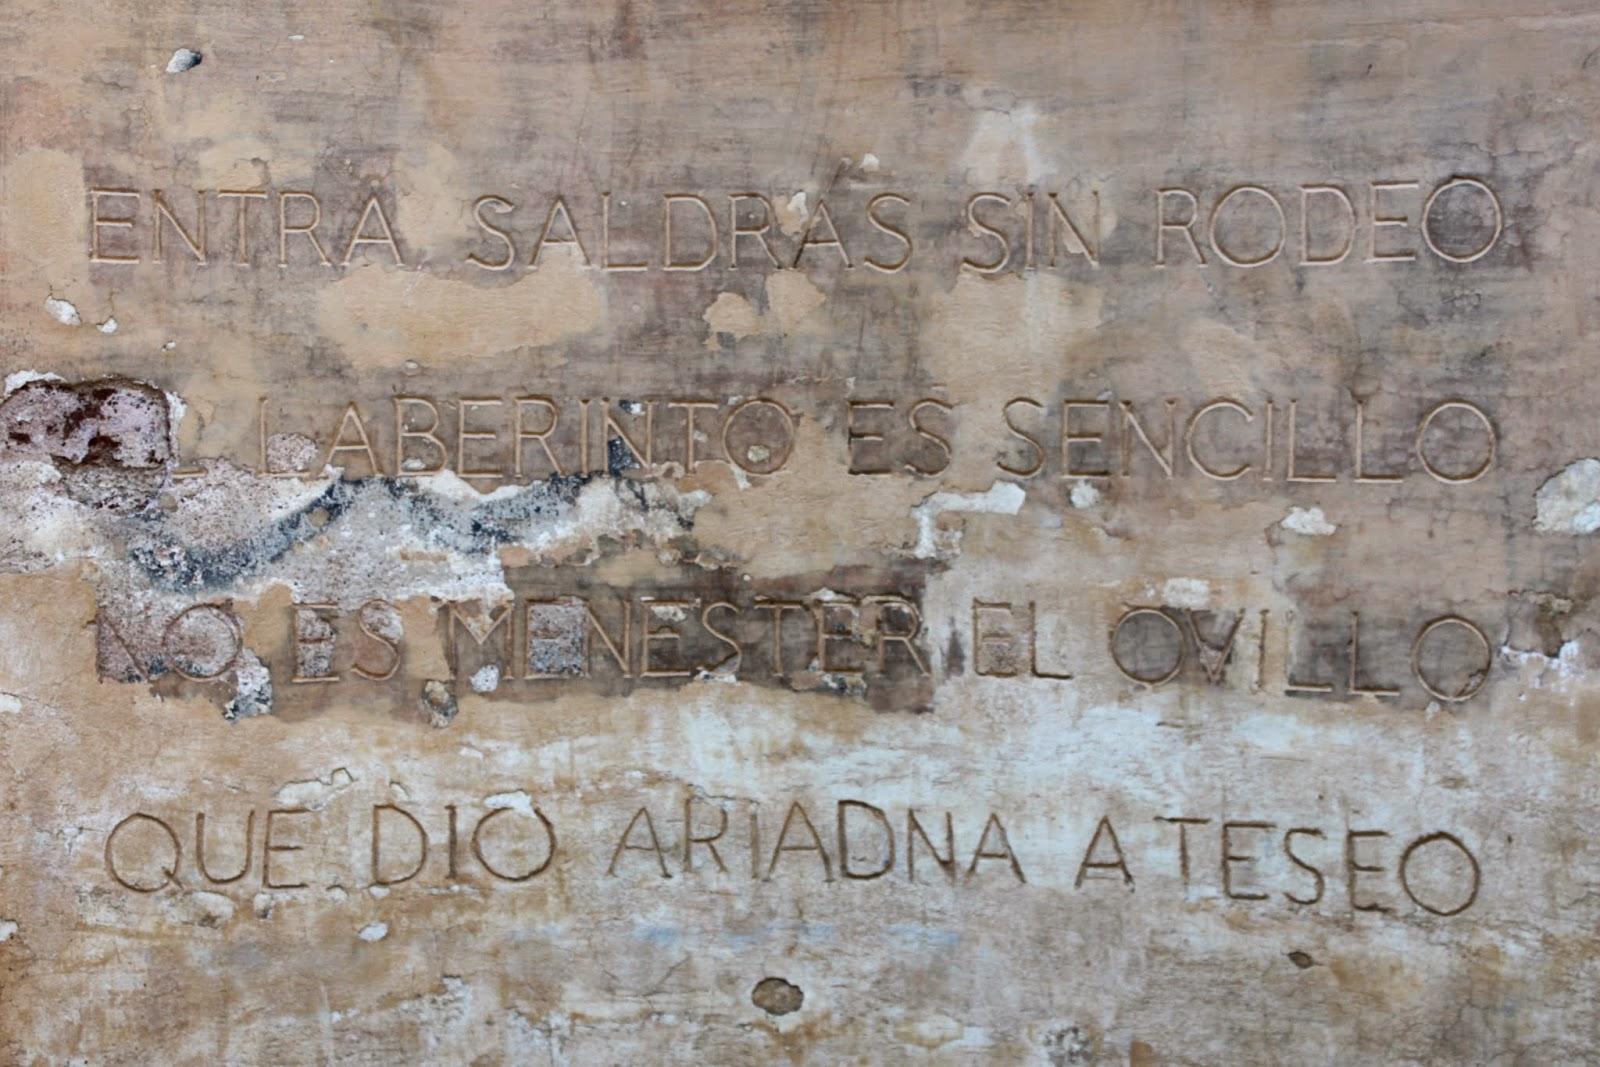 Inscripción a la entrada del laberinto